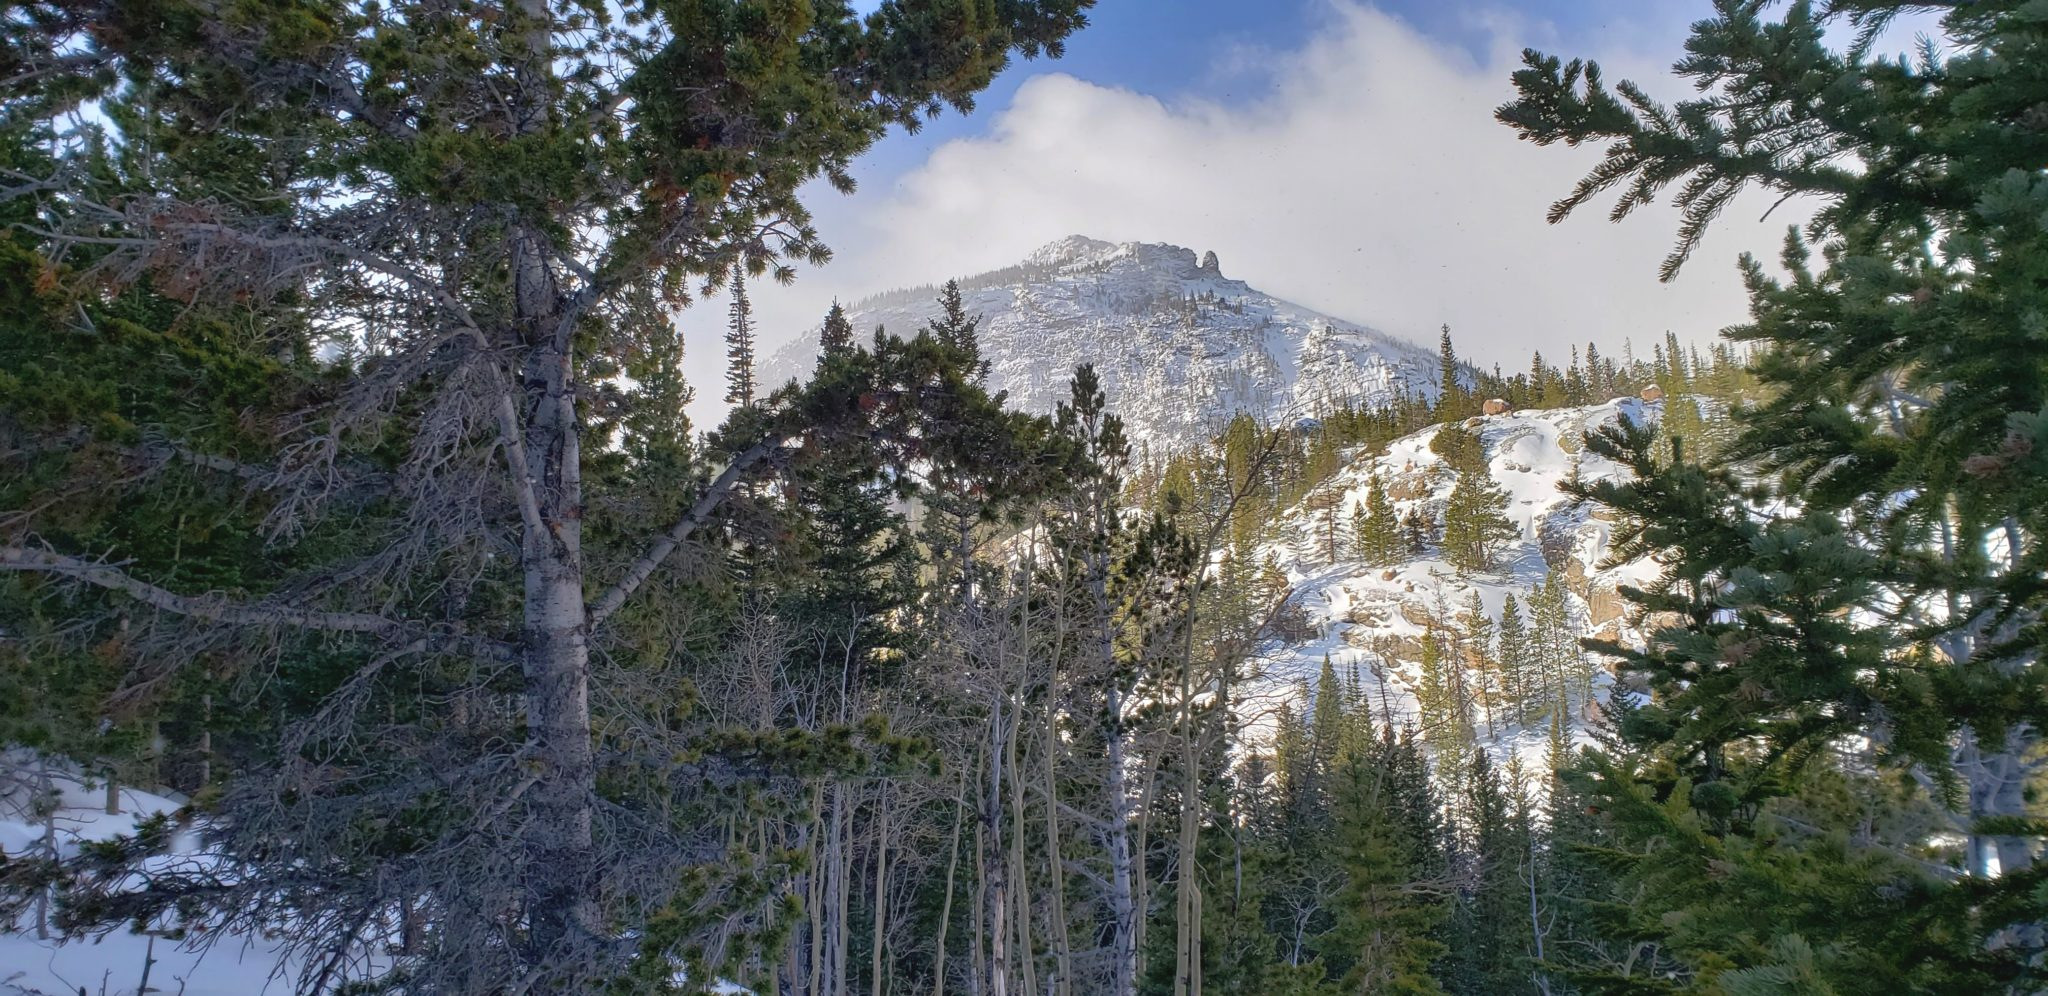 Otis Peak 12,486'